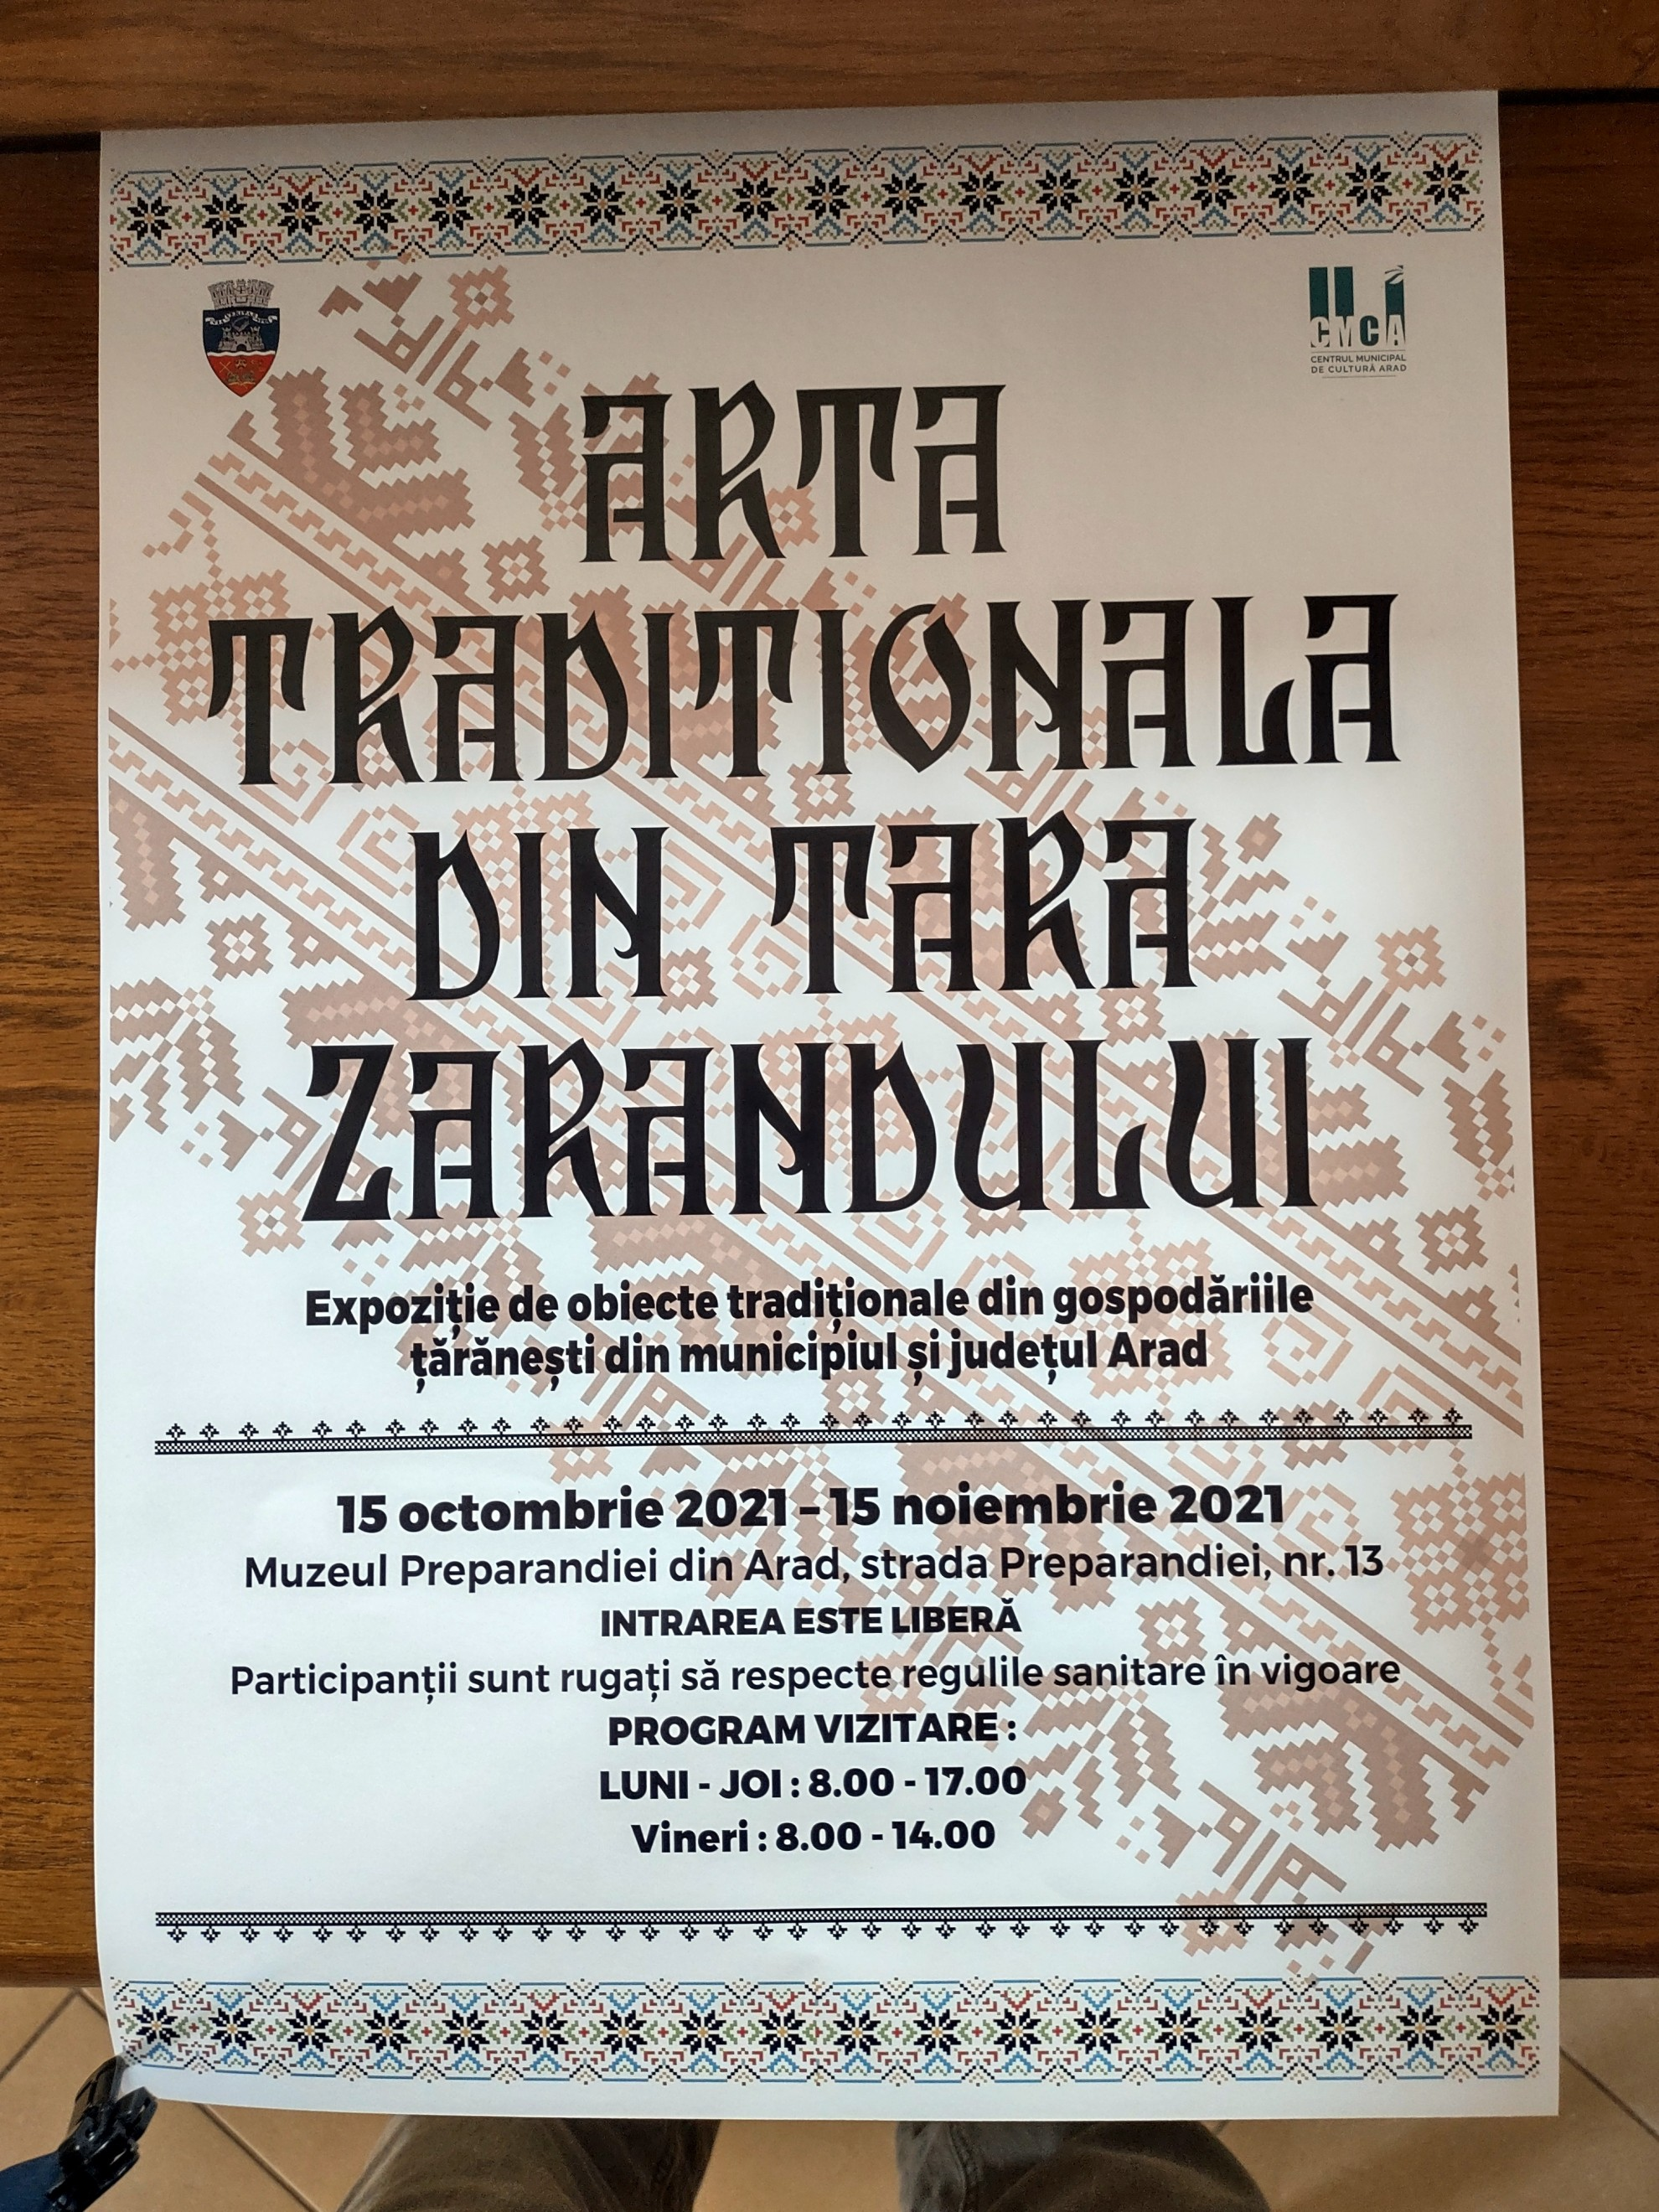 """Expoziția """"Artă tradițională din Țara Zărandului"""", la Muzeul Preparandiei din Arad"""